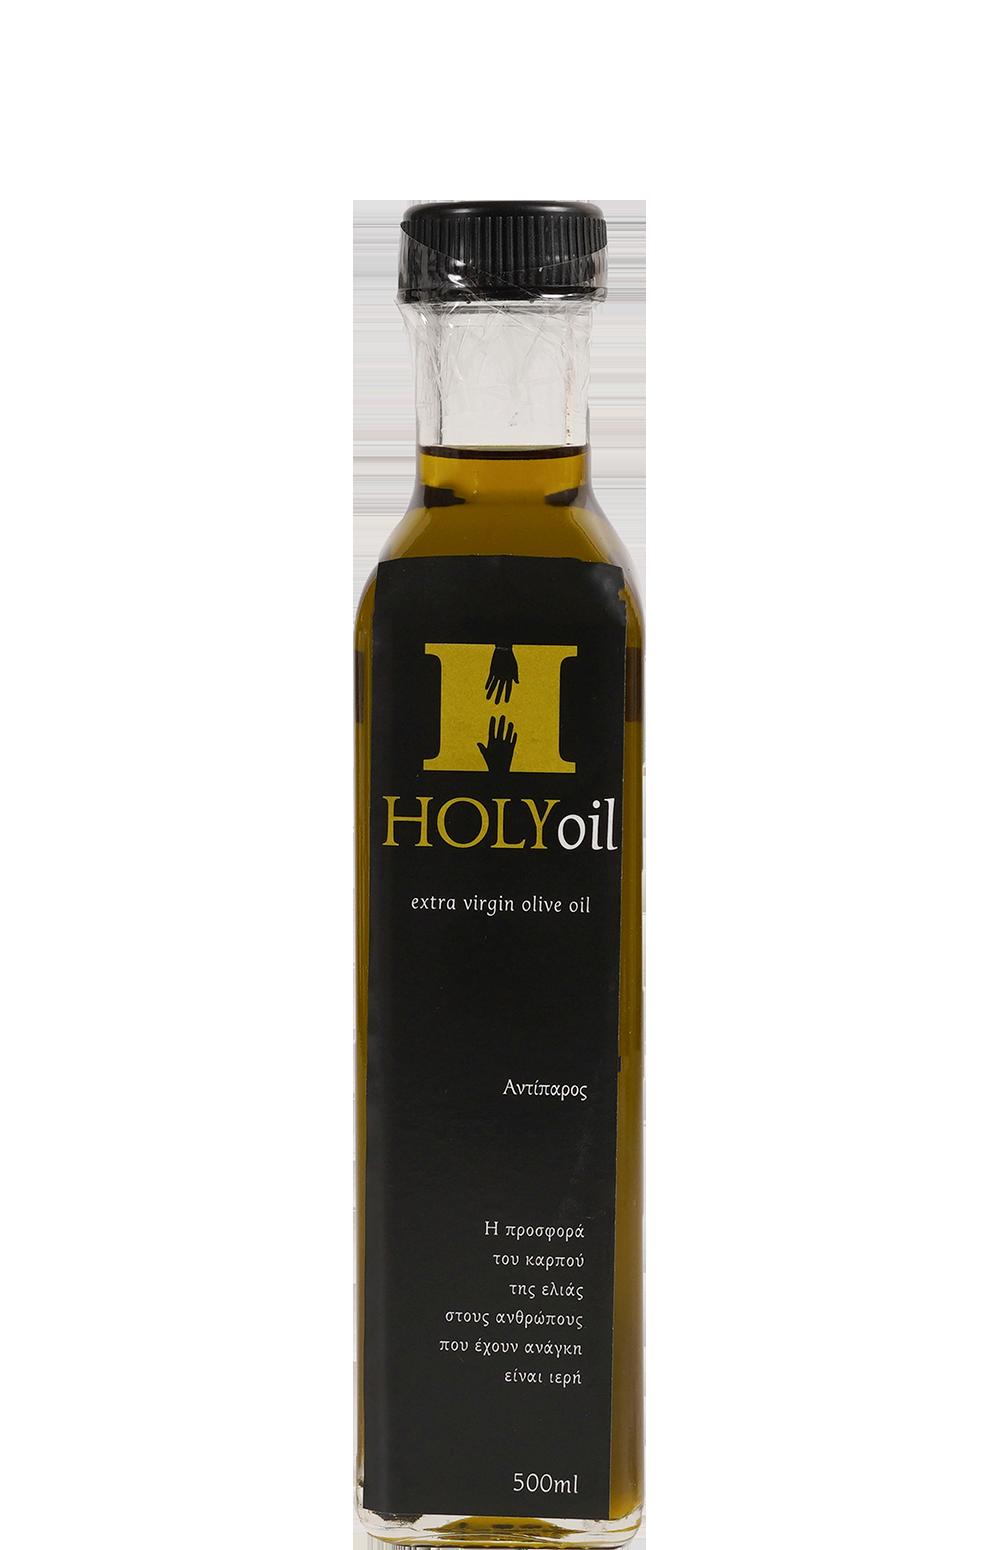 Holy oil